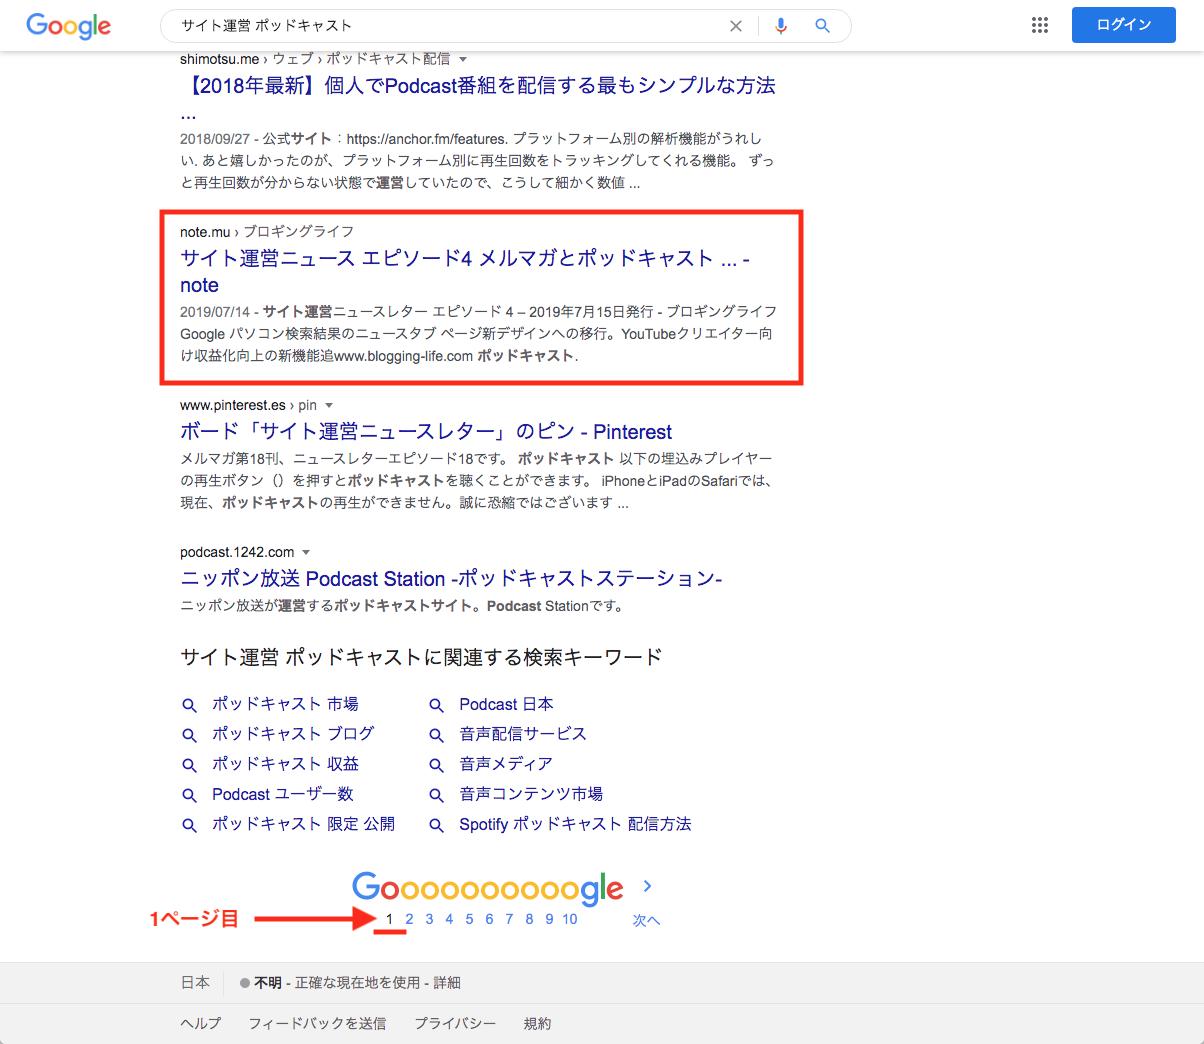 「サイト運営 SEO」のクエリ検索結果表示